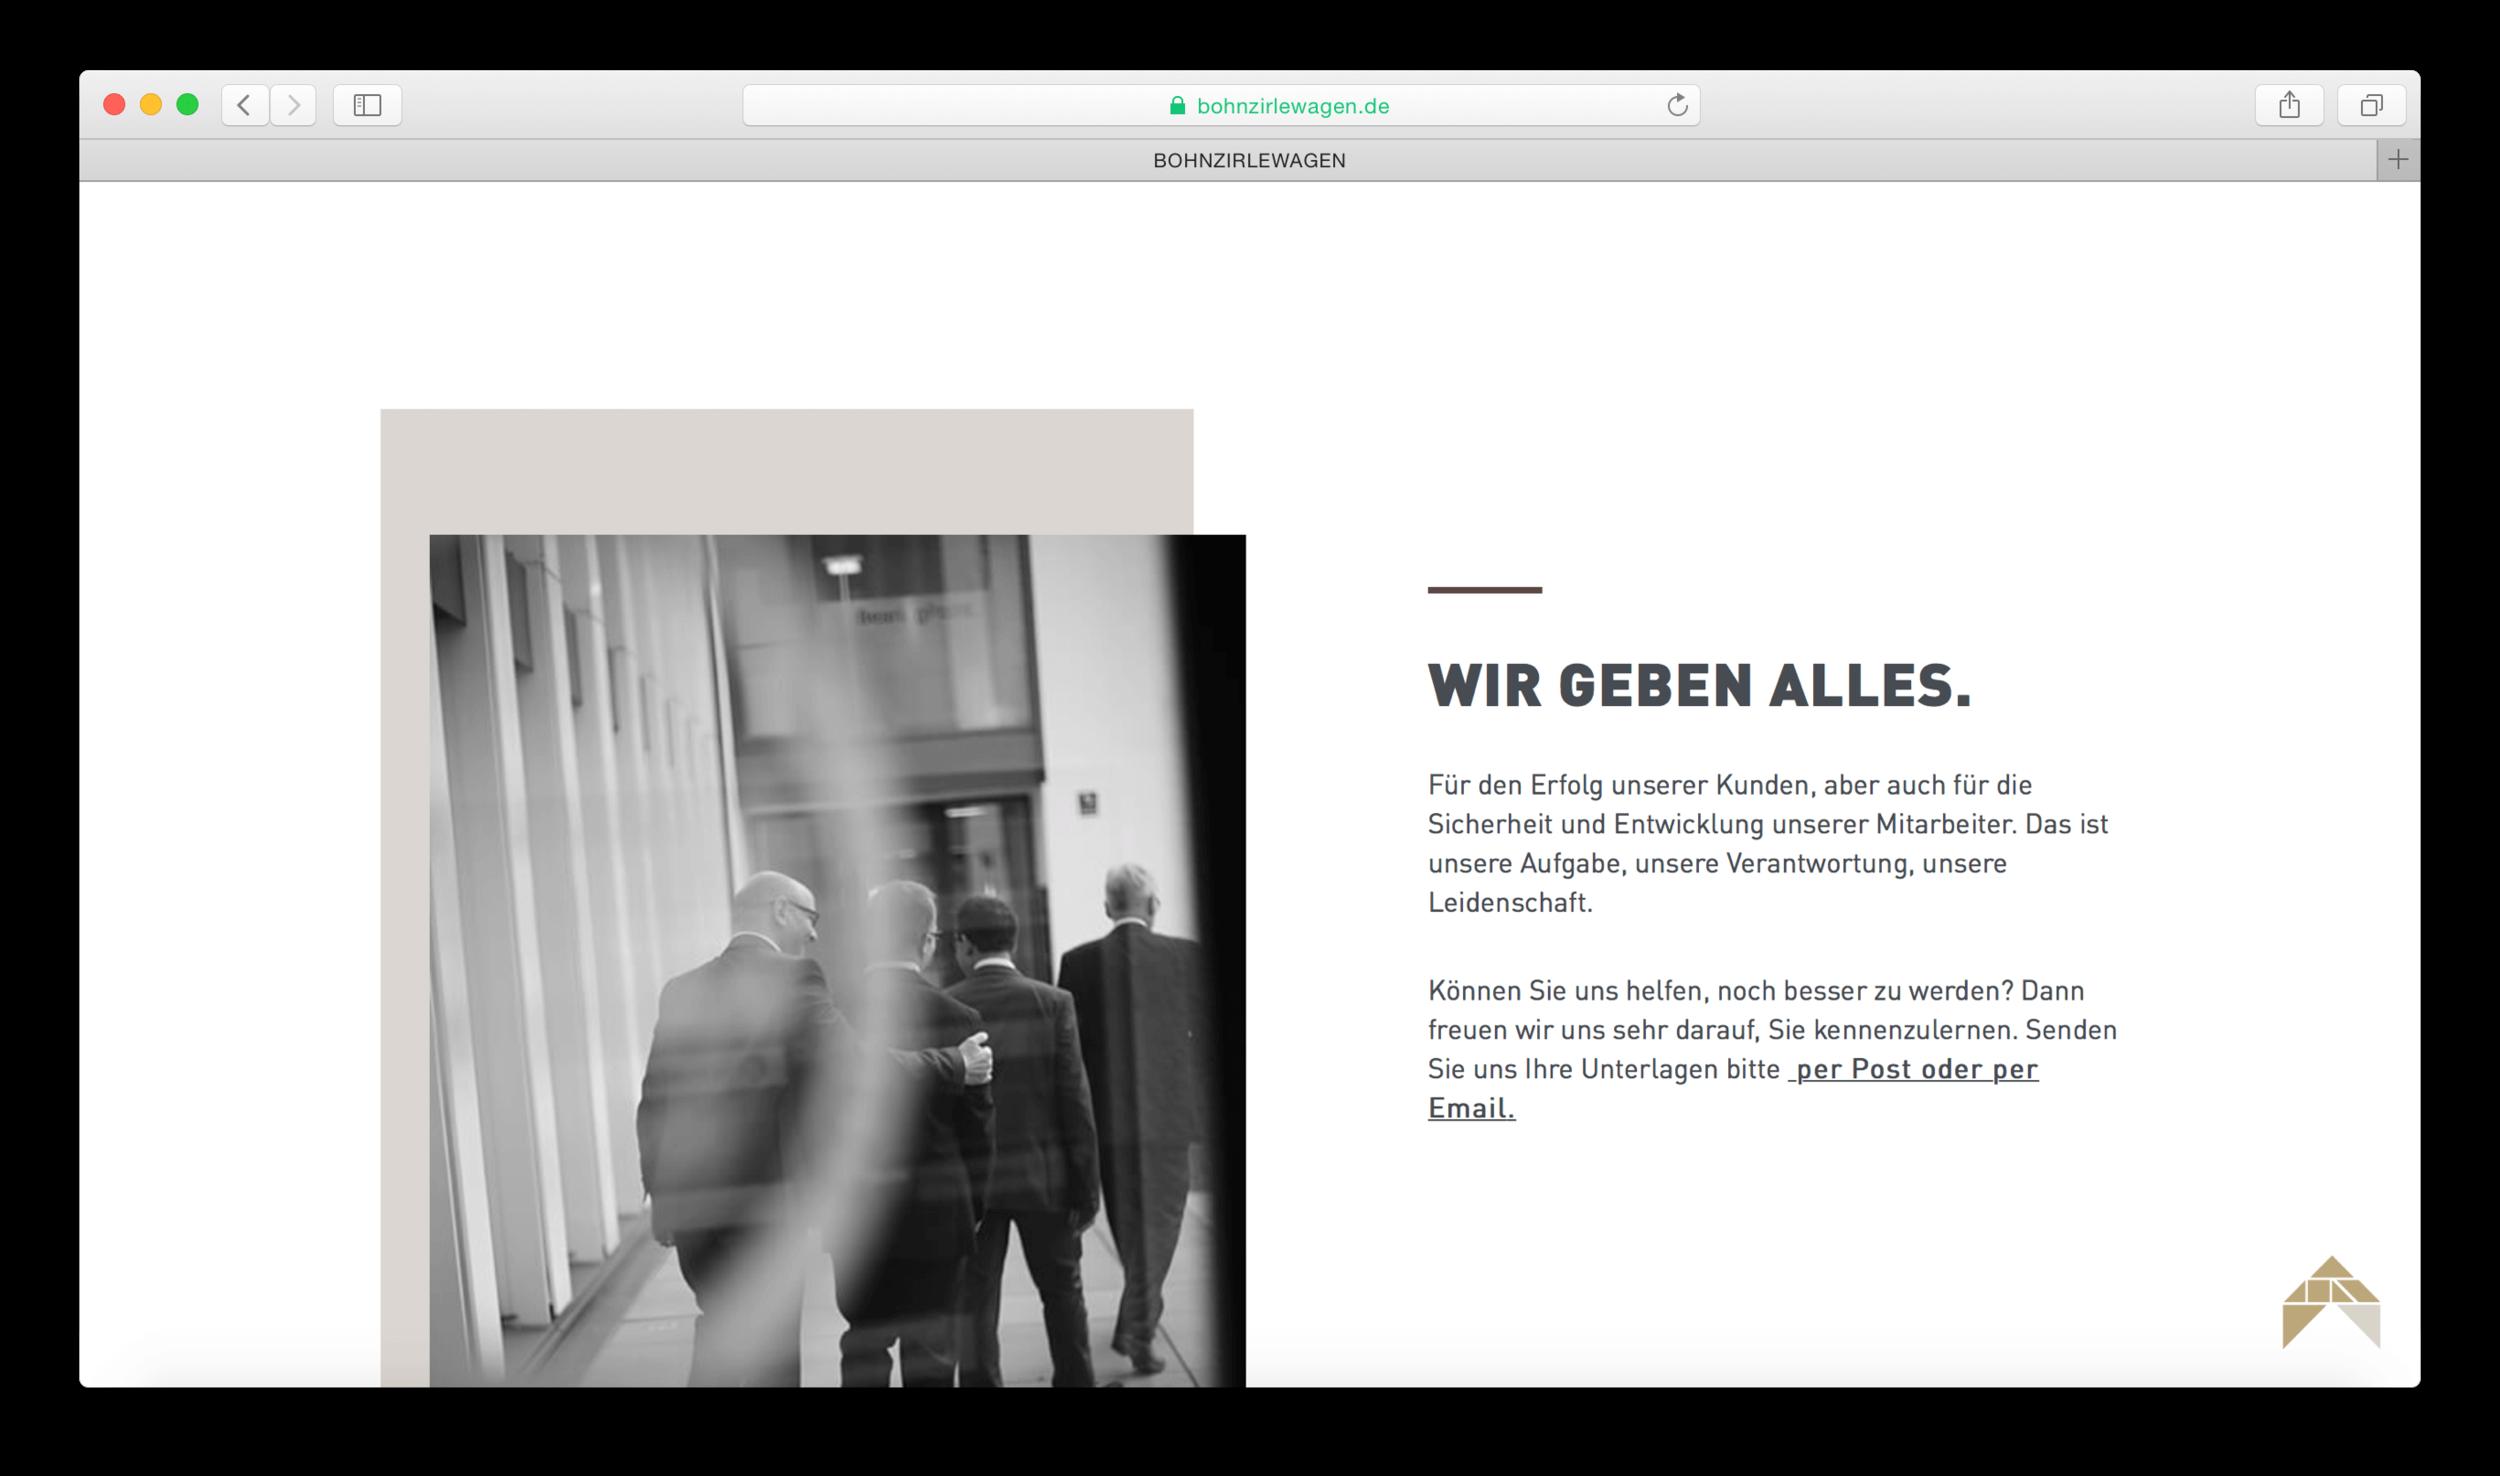 BOHNZIRLEWAGEN webseite